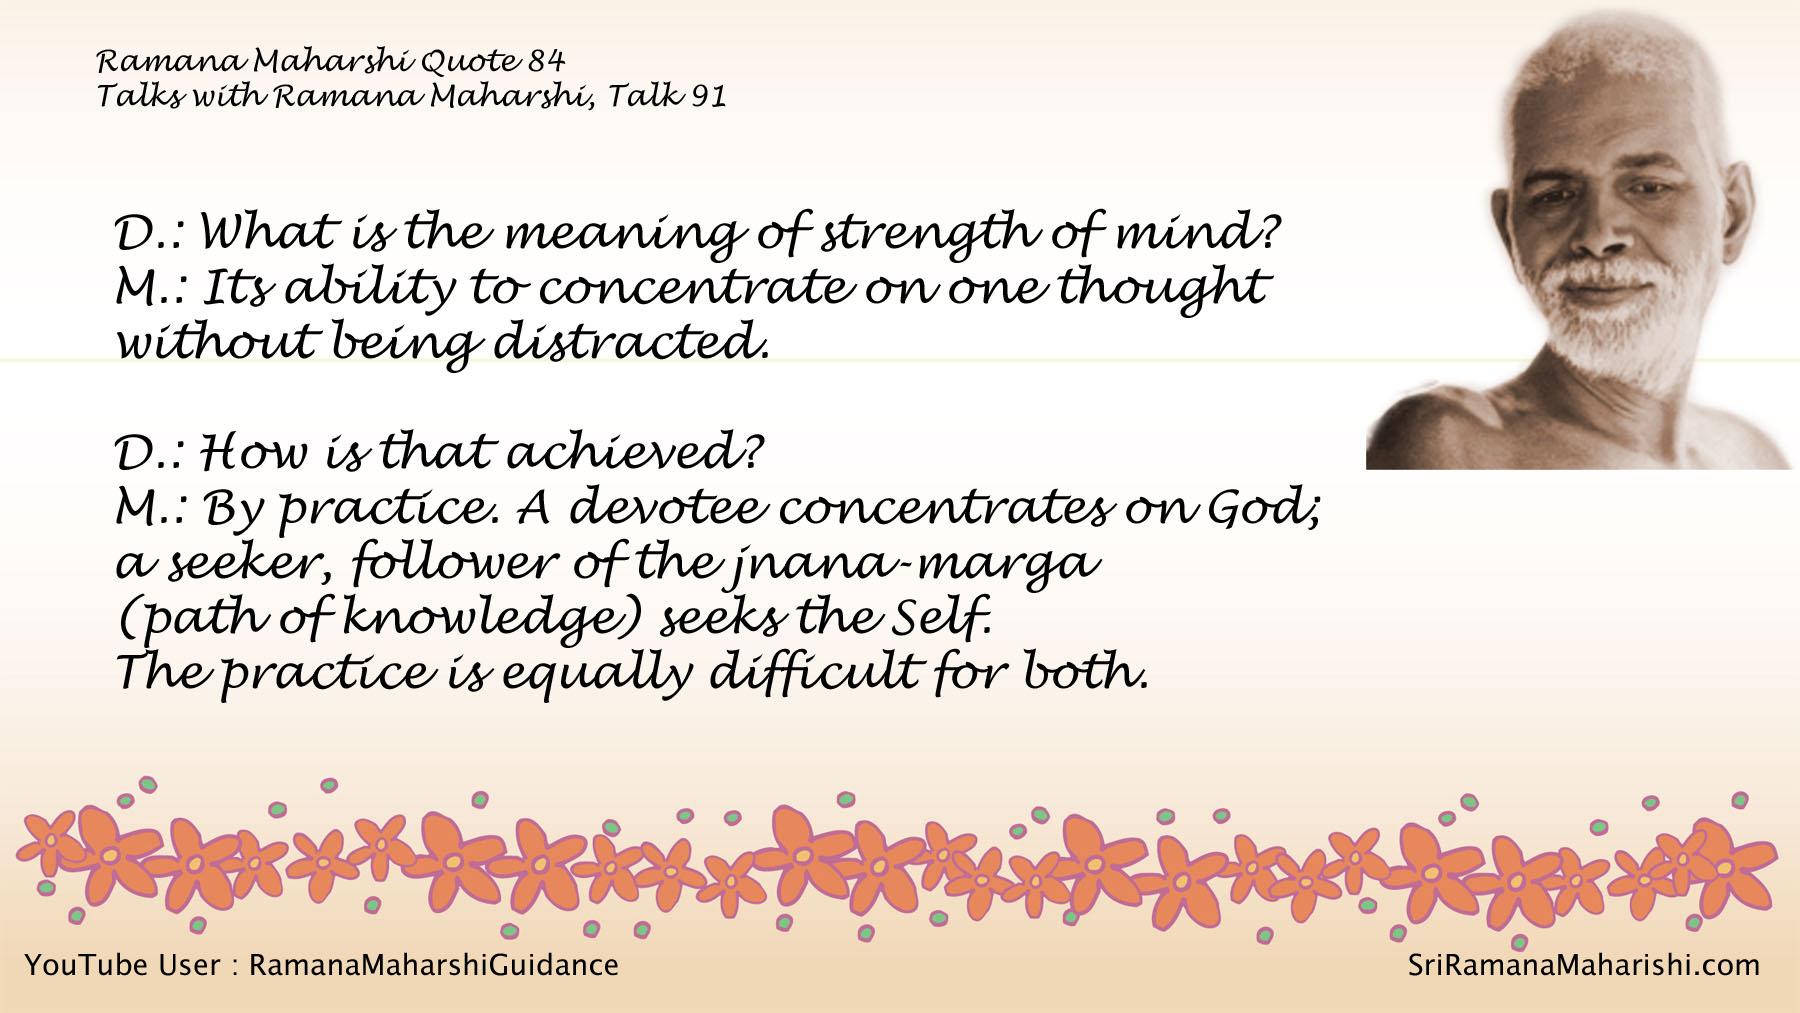 Ramana Maharshi Quote 84